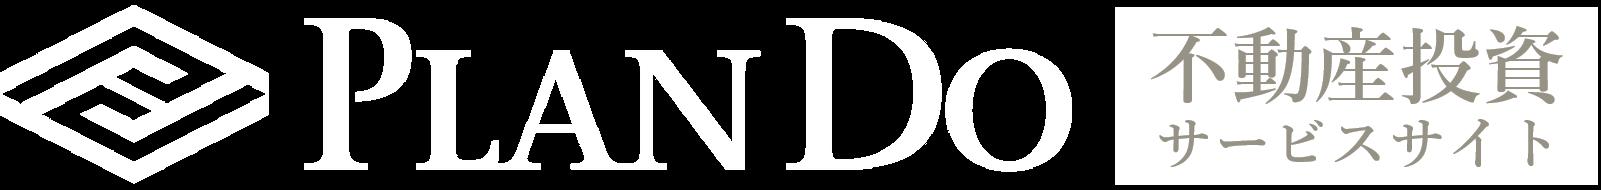 プラン・ドゥ不動産投資サービスサイト